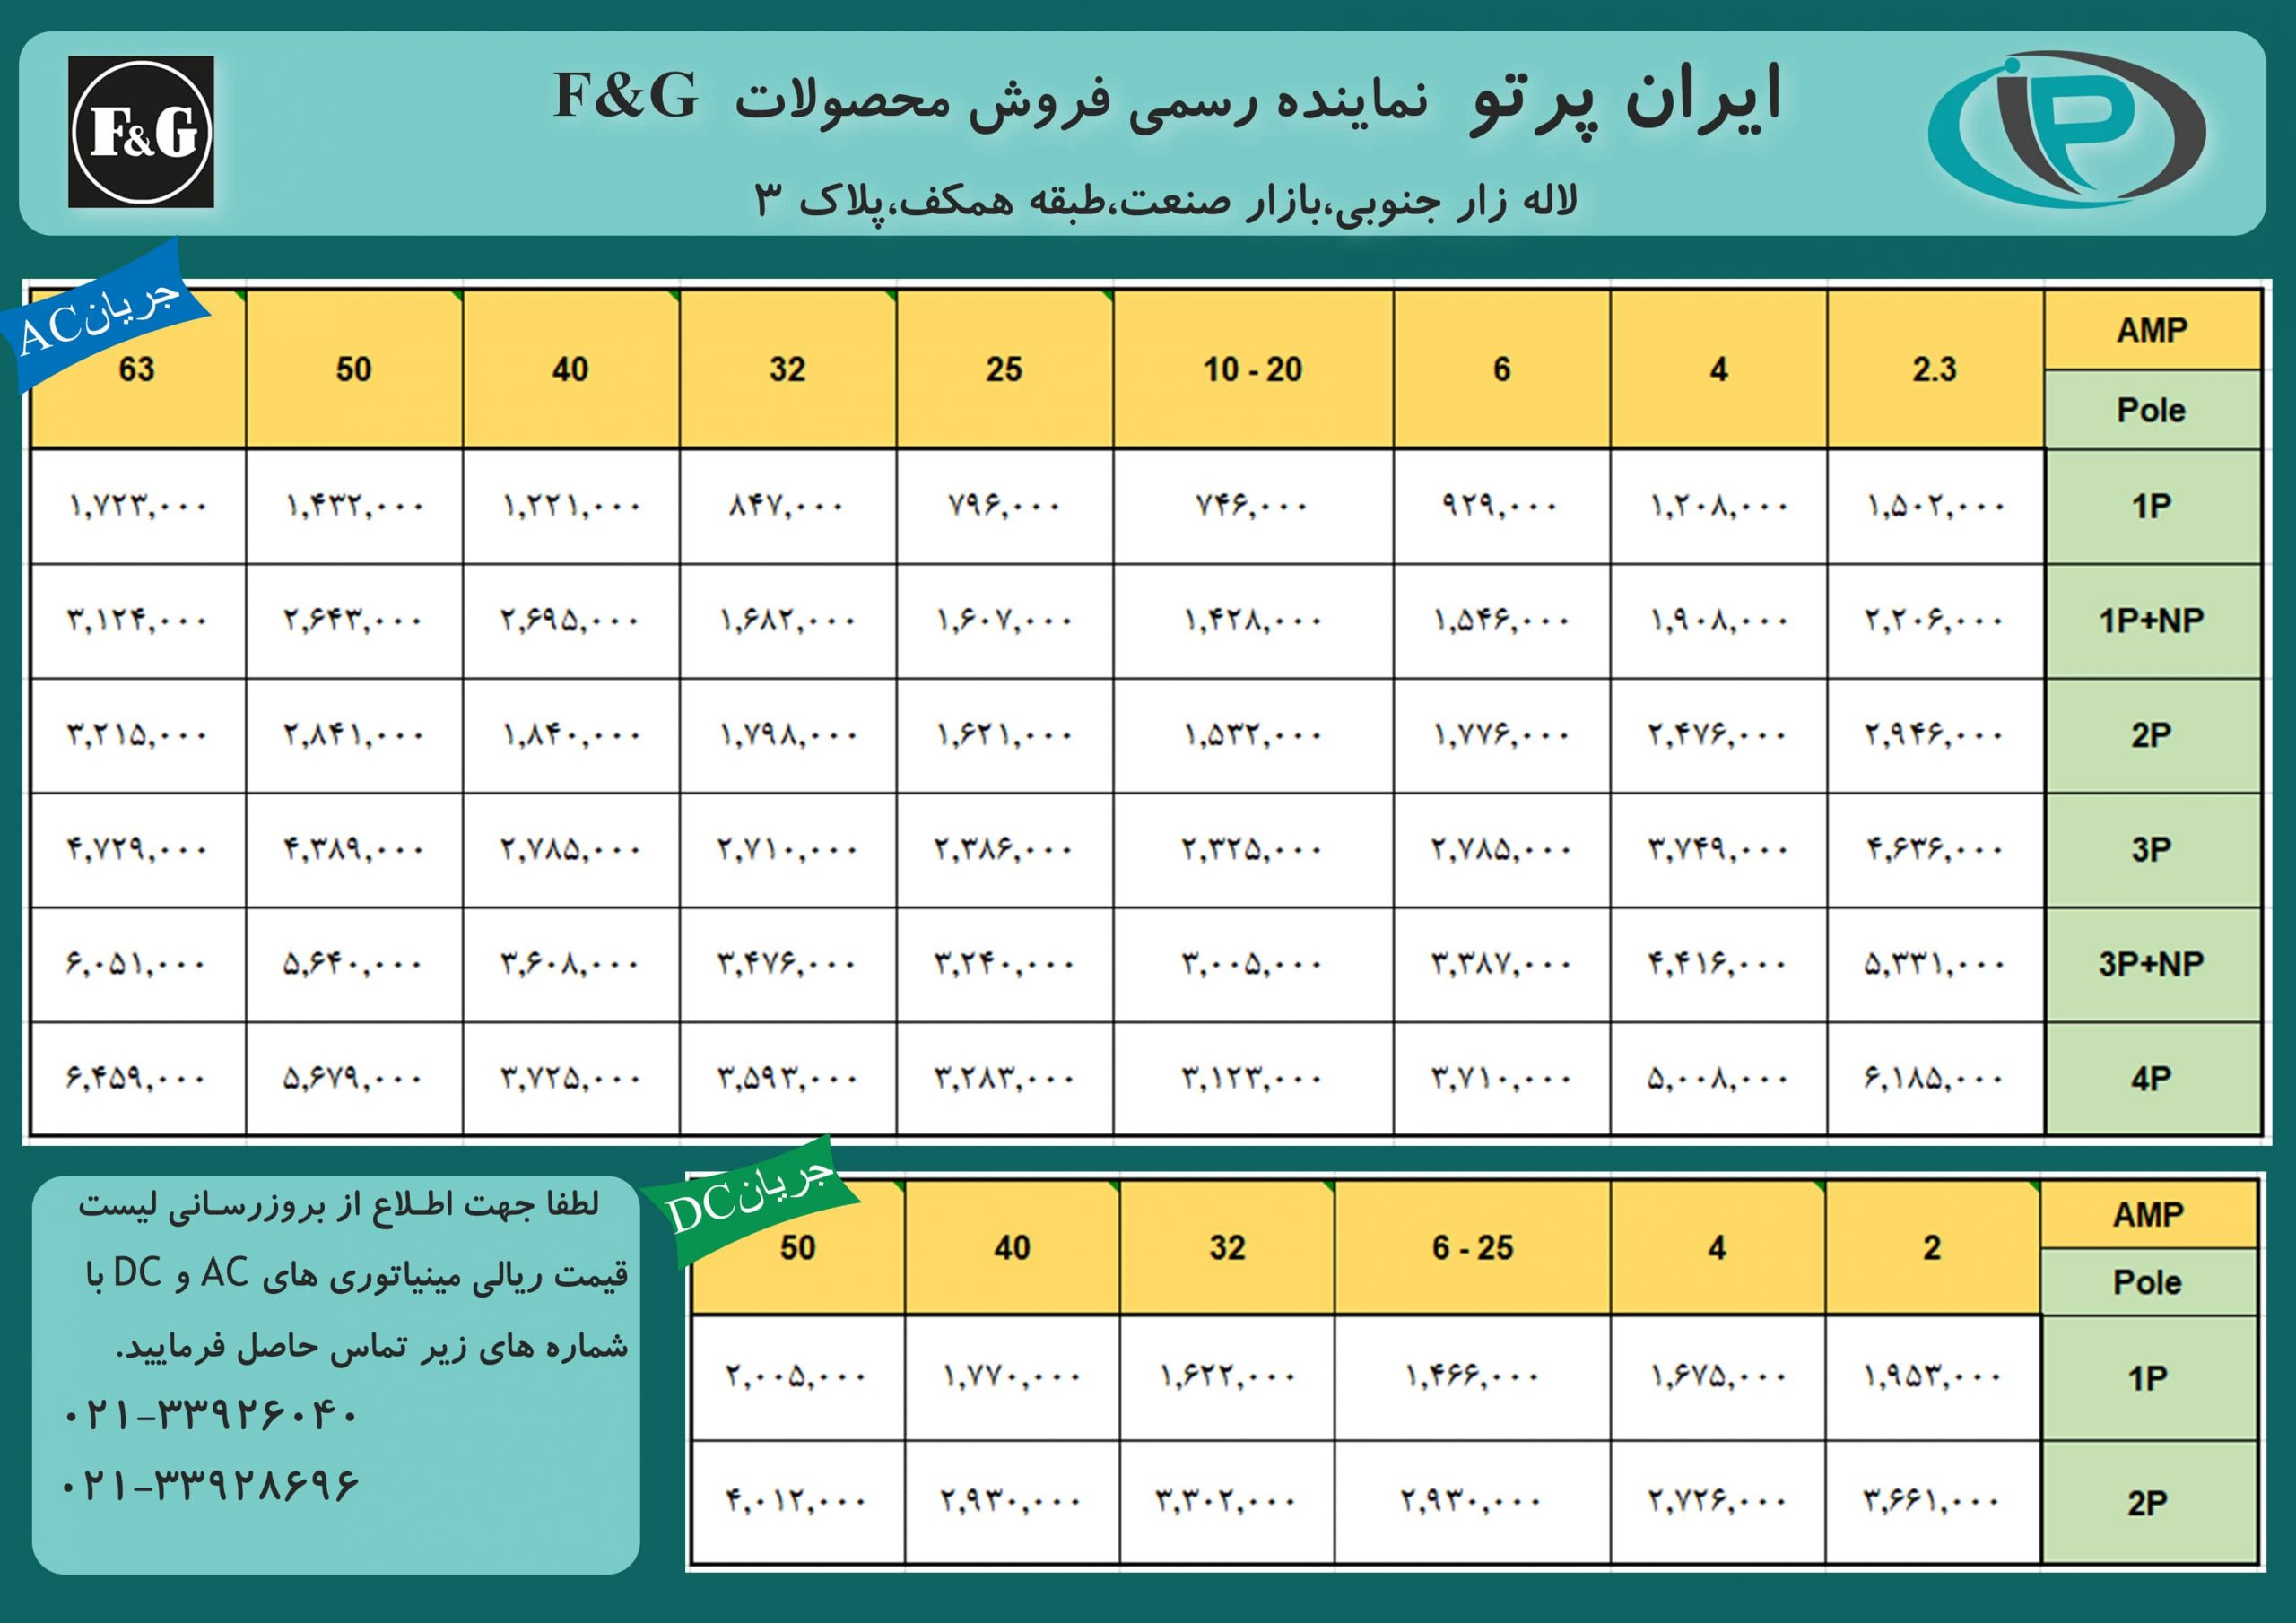 F&G لیست قیمت